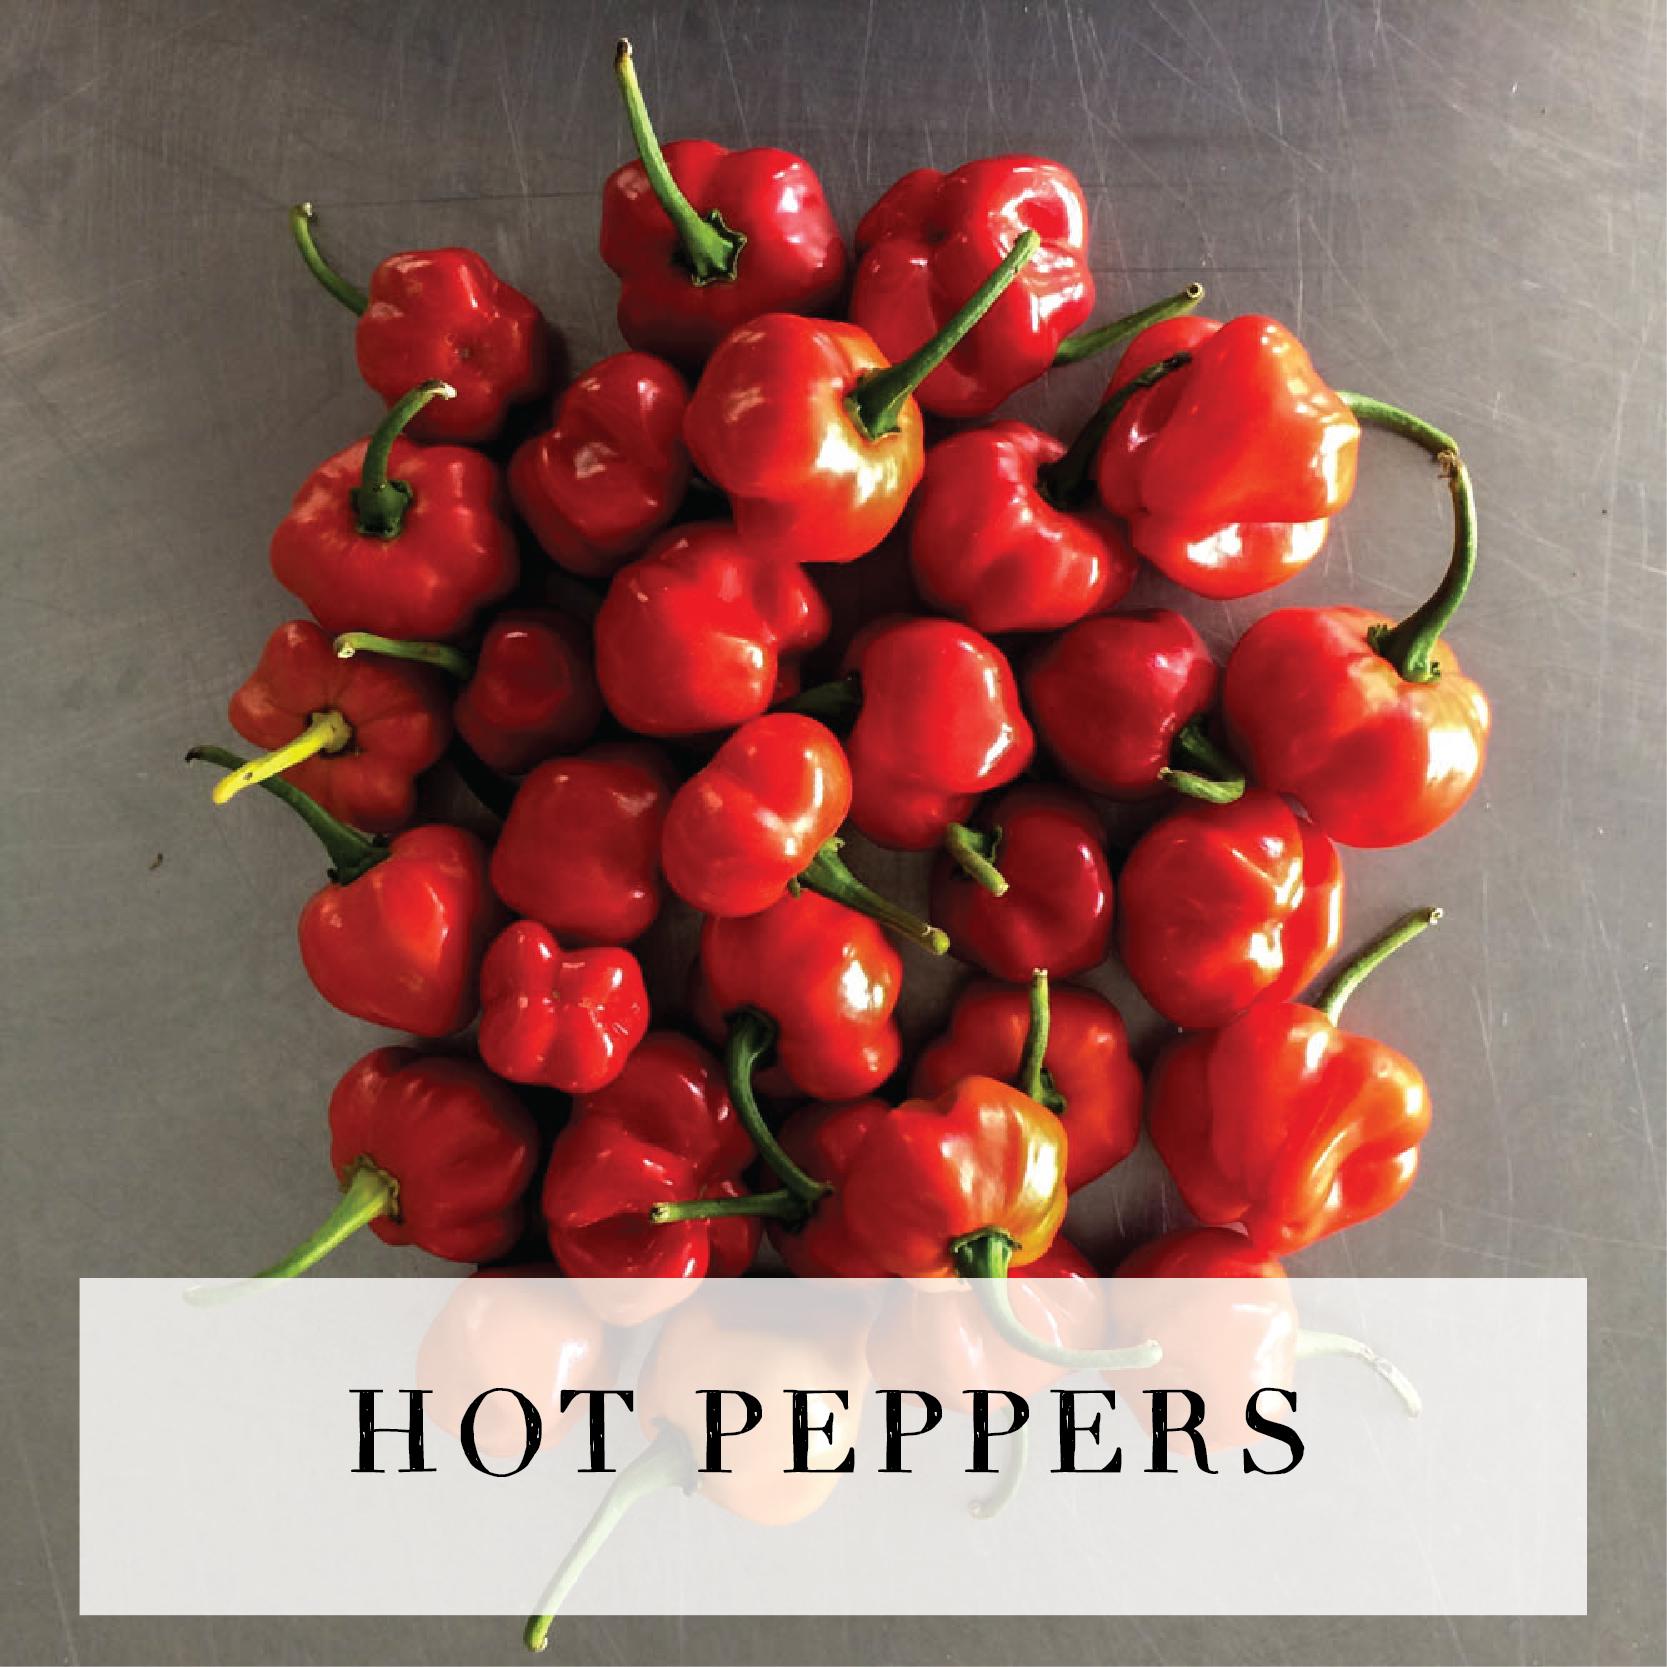 hotpeppers.jpg